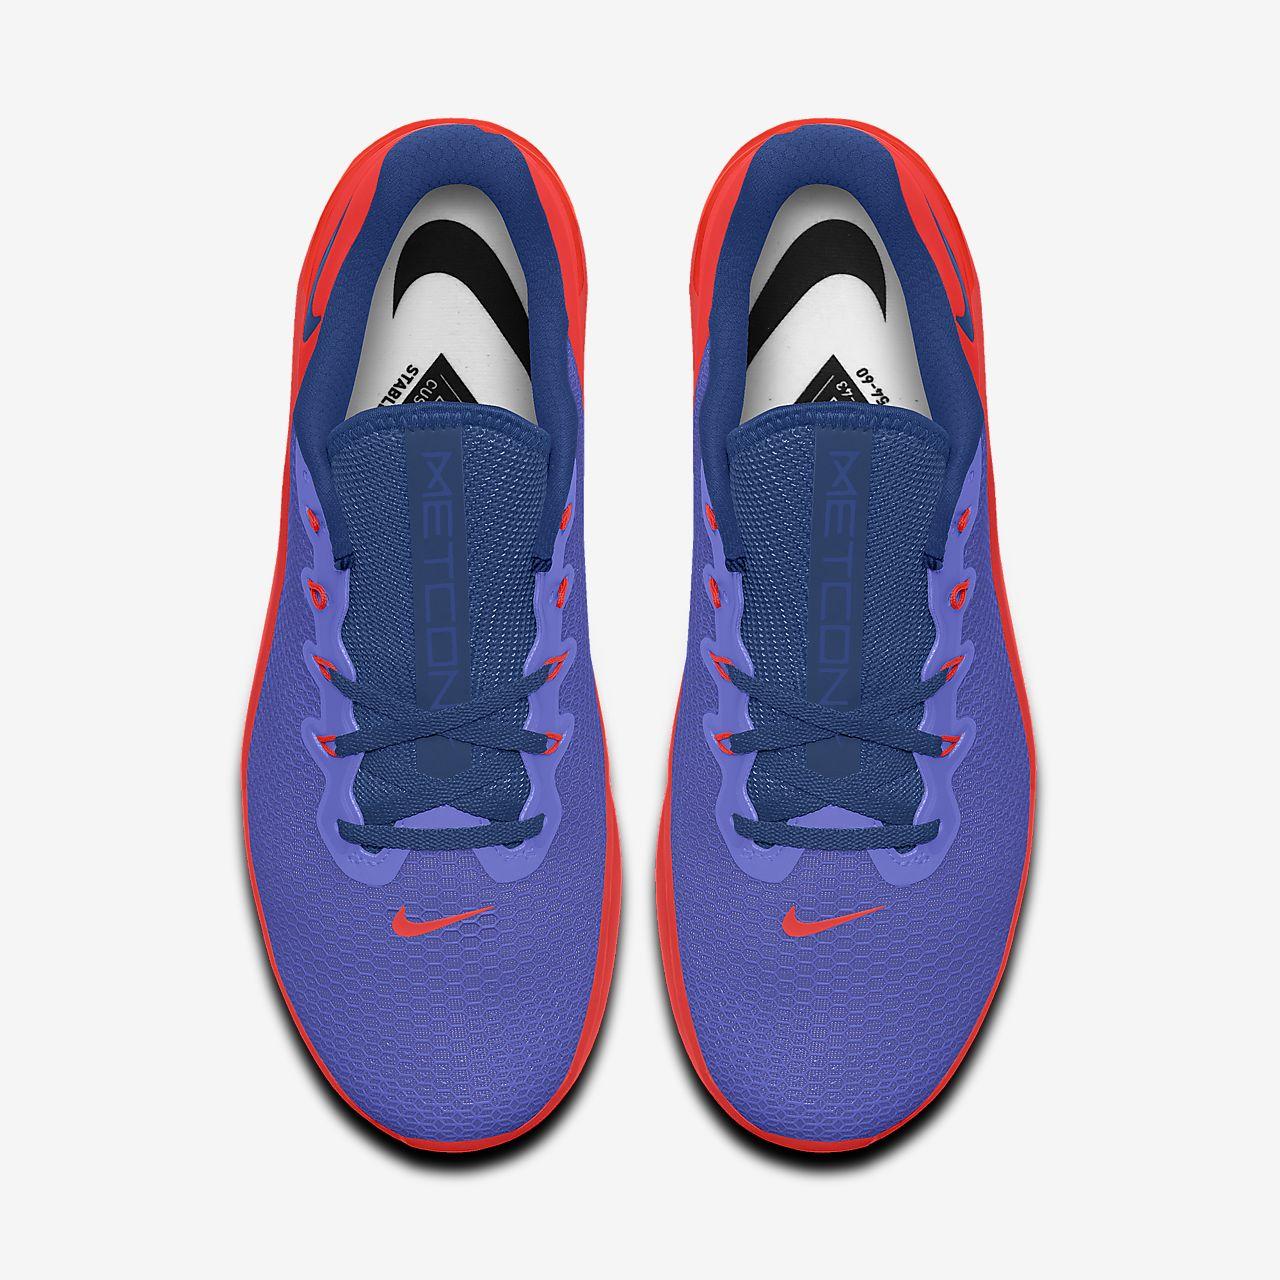 Scarpa da cross trainingsollevamento pesi personalizzabile Nike Metcon 5 By You